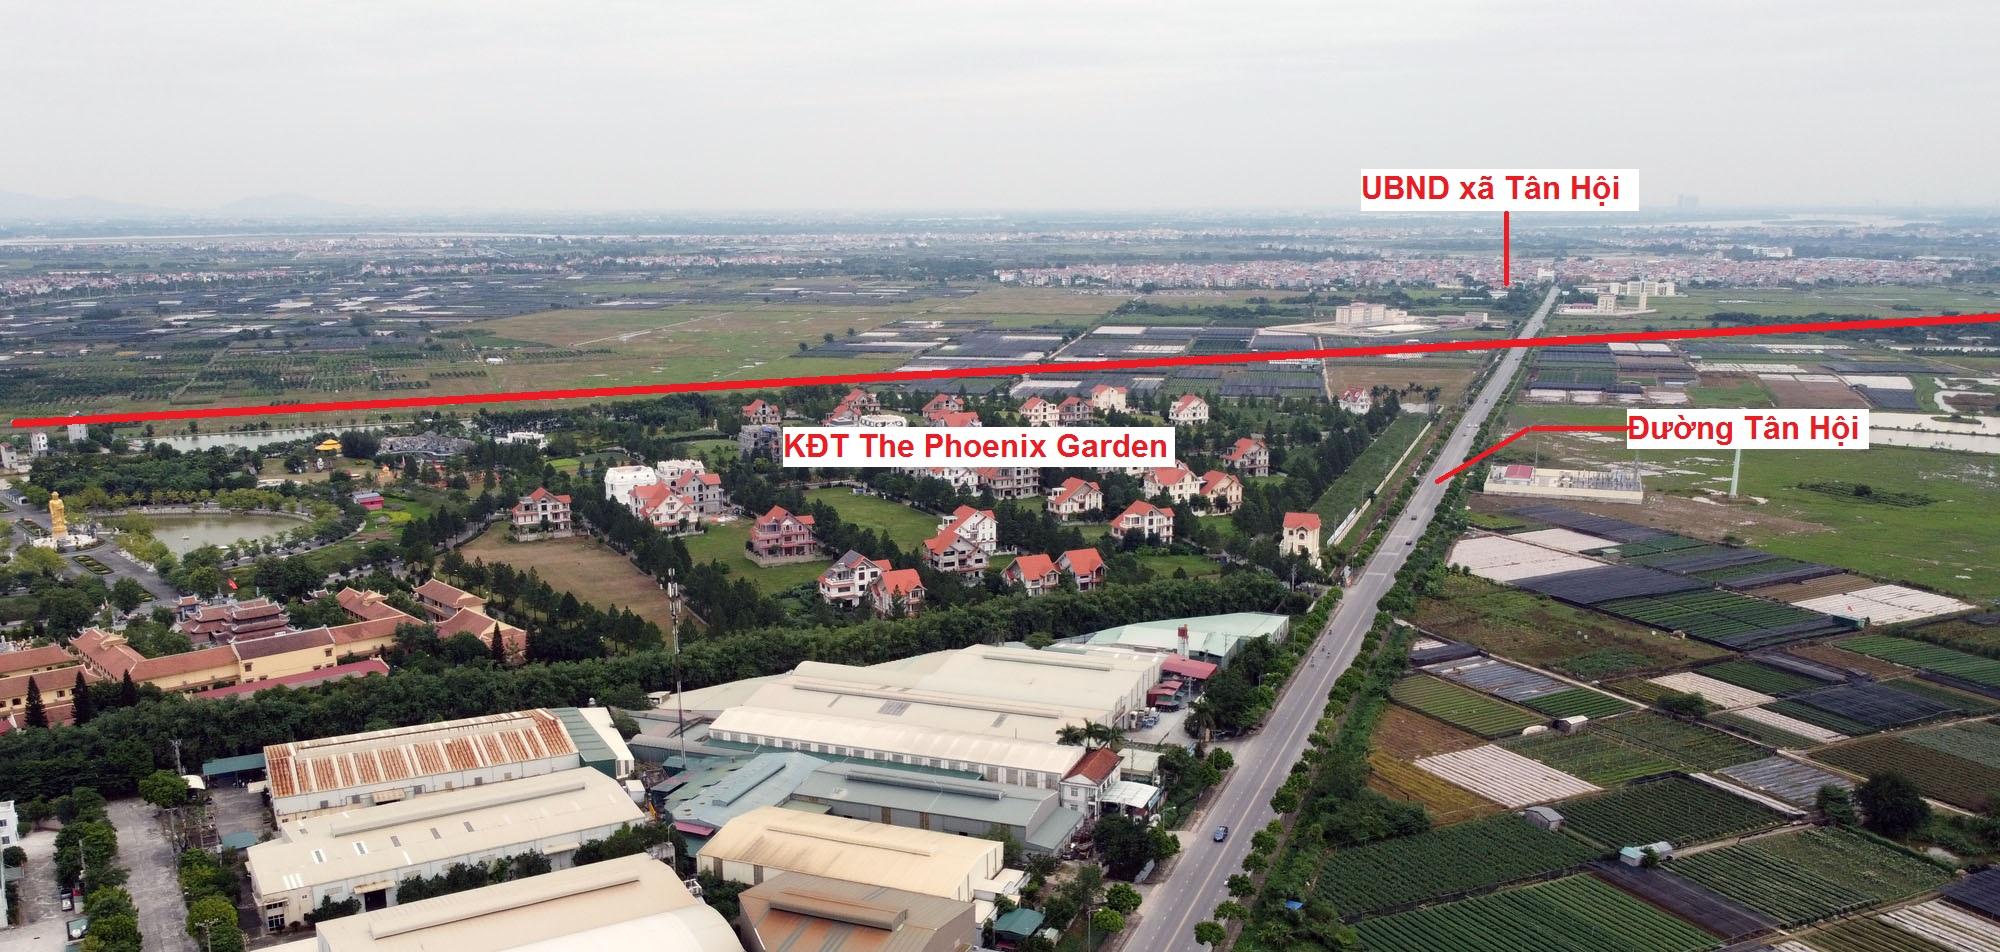 Ba đường sẽ mở theo qui hoạch ở xã Tân Hội, Đan Phượng, Hà Nội - Ảnh 5.